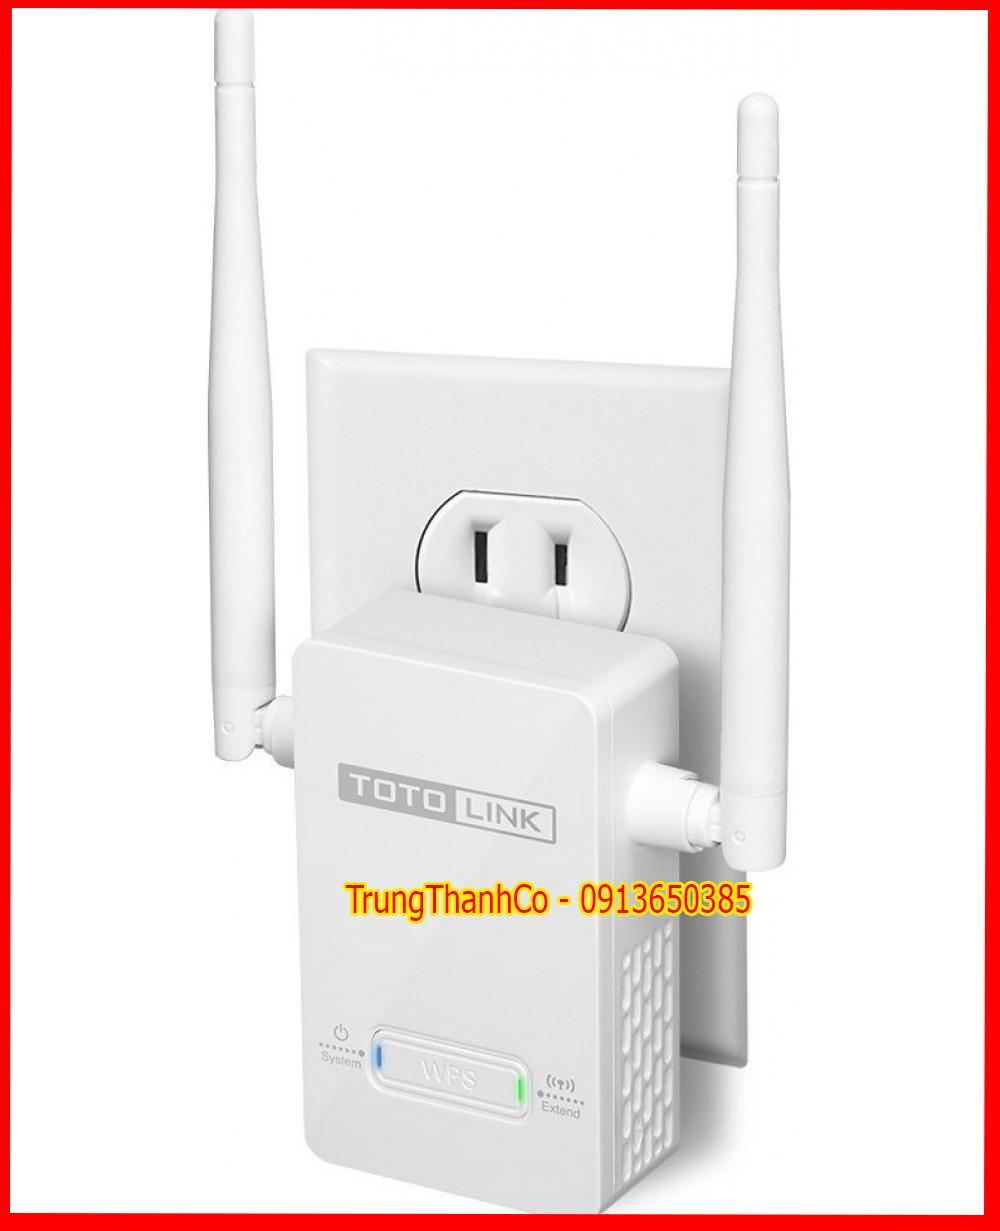 Giá (F) Repeater Kích Sóng Wifi ToToLink EX200 300Mbps